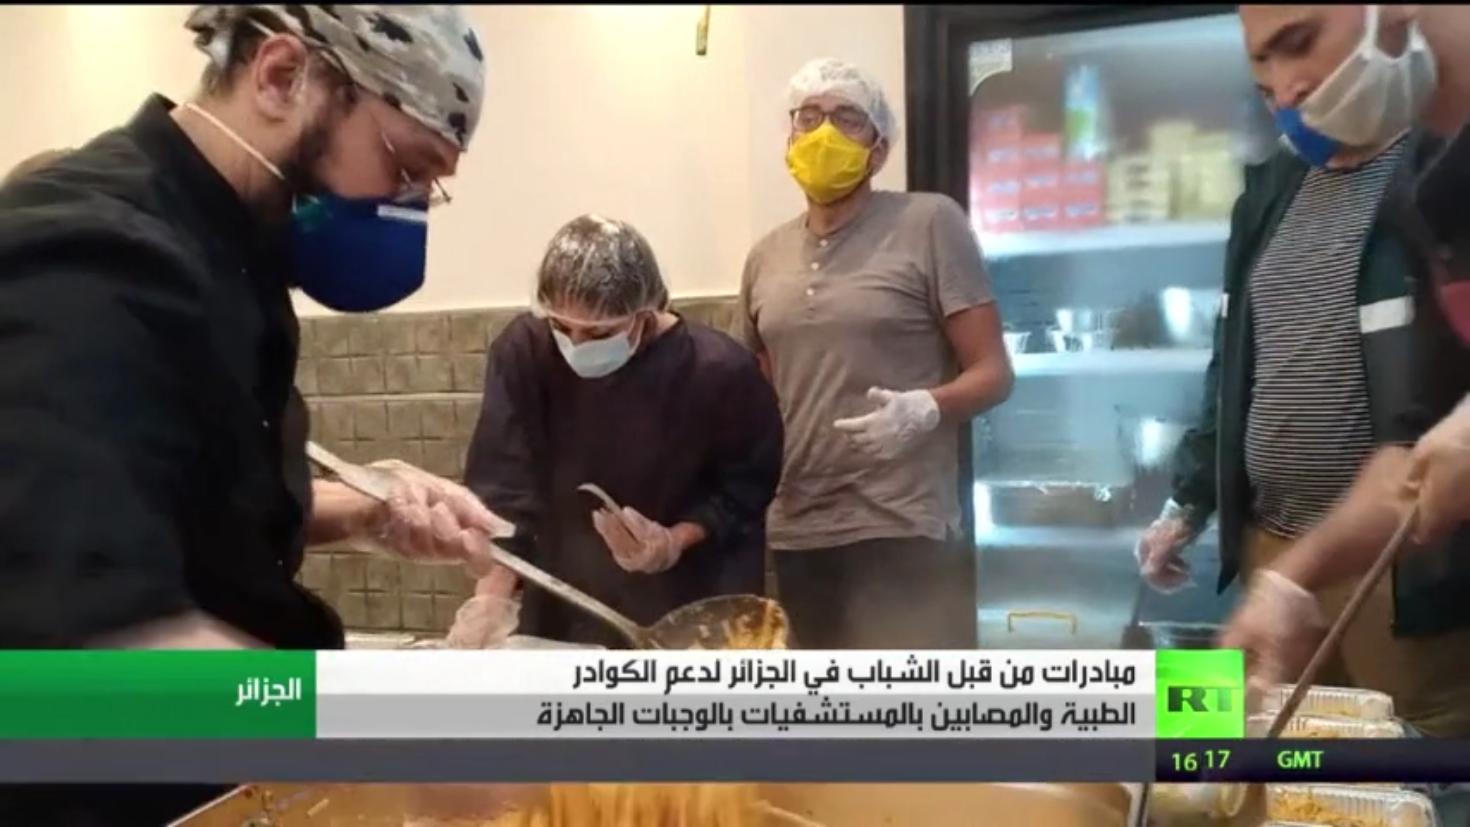 الجزائر تسجل 384 وفاة بفيروس كورونا